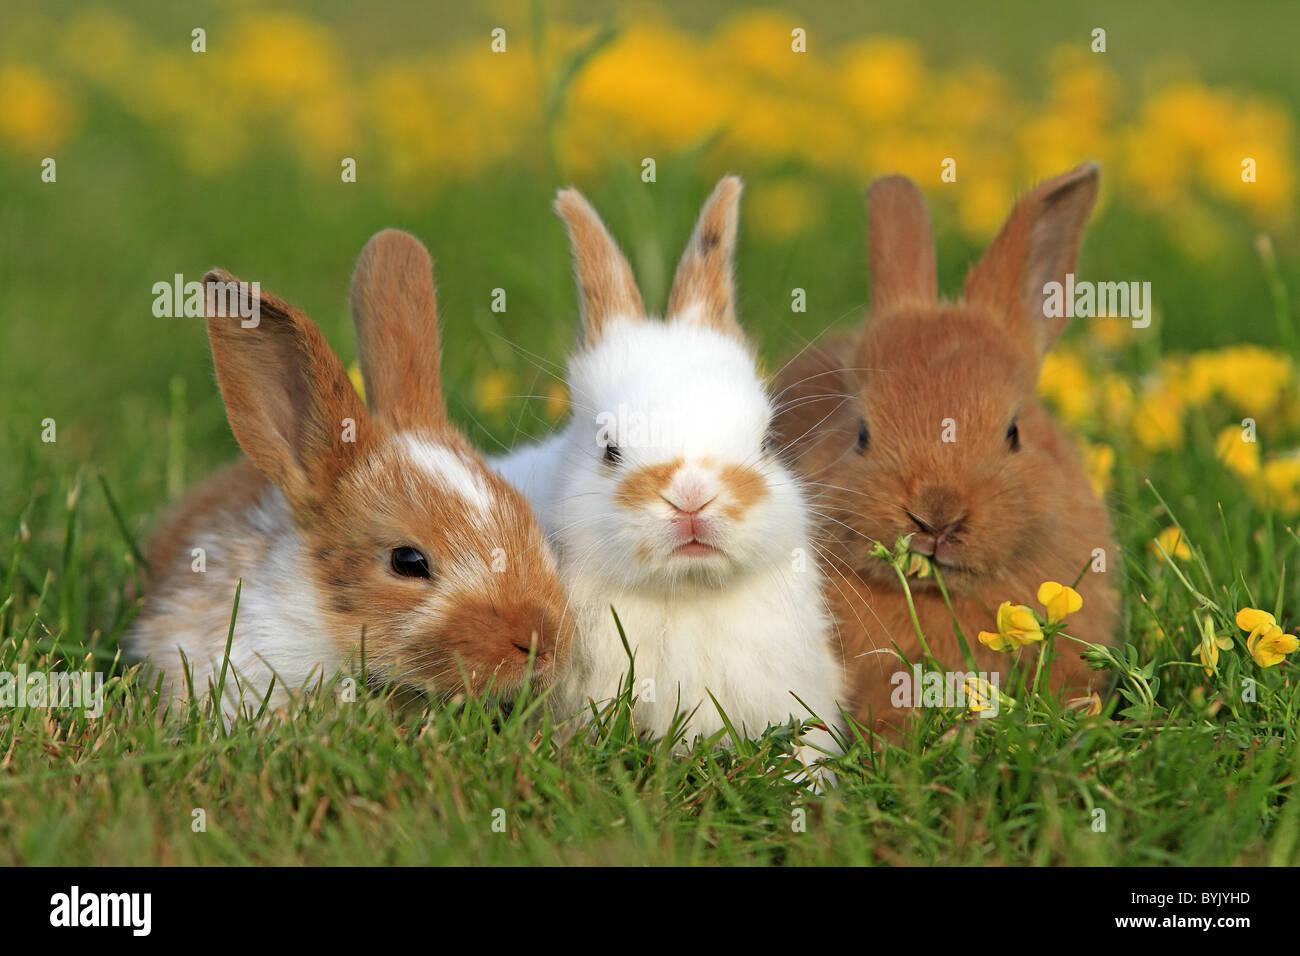 Conejo doméstico, Enano conejo (Oryctolagus cuniculus f. domestica). Tres personas en una pradera de floración. Imagen De Stock